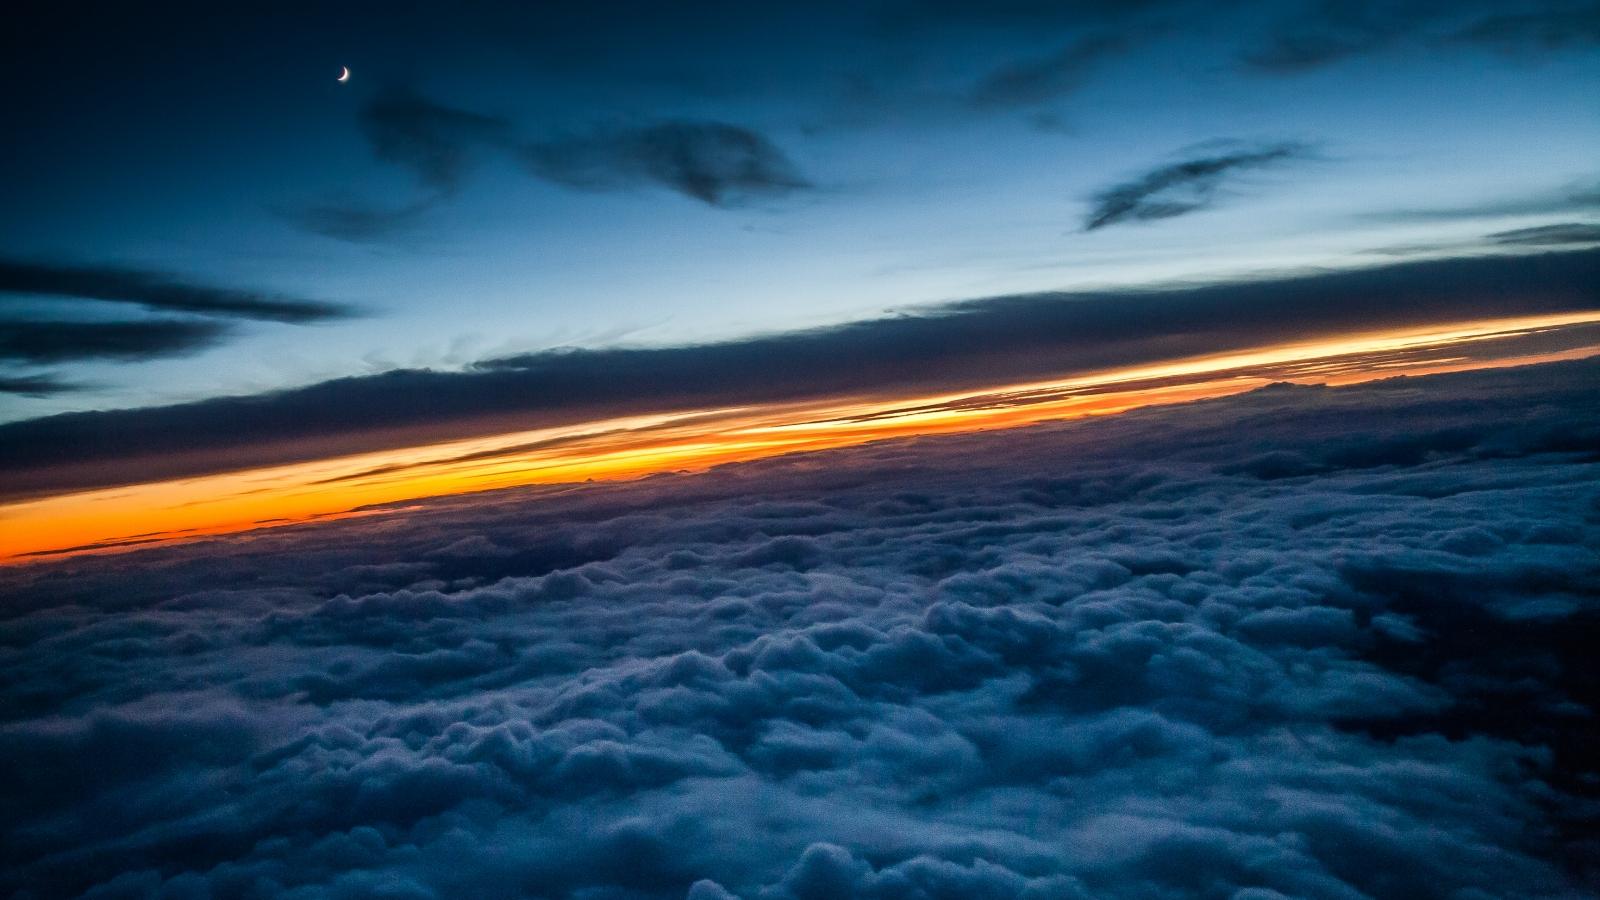 Encima de las nubes - 1600x900